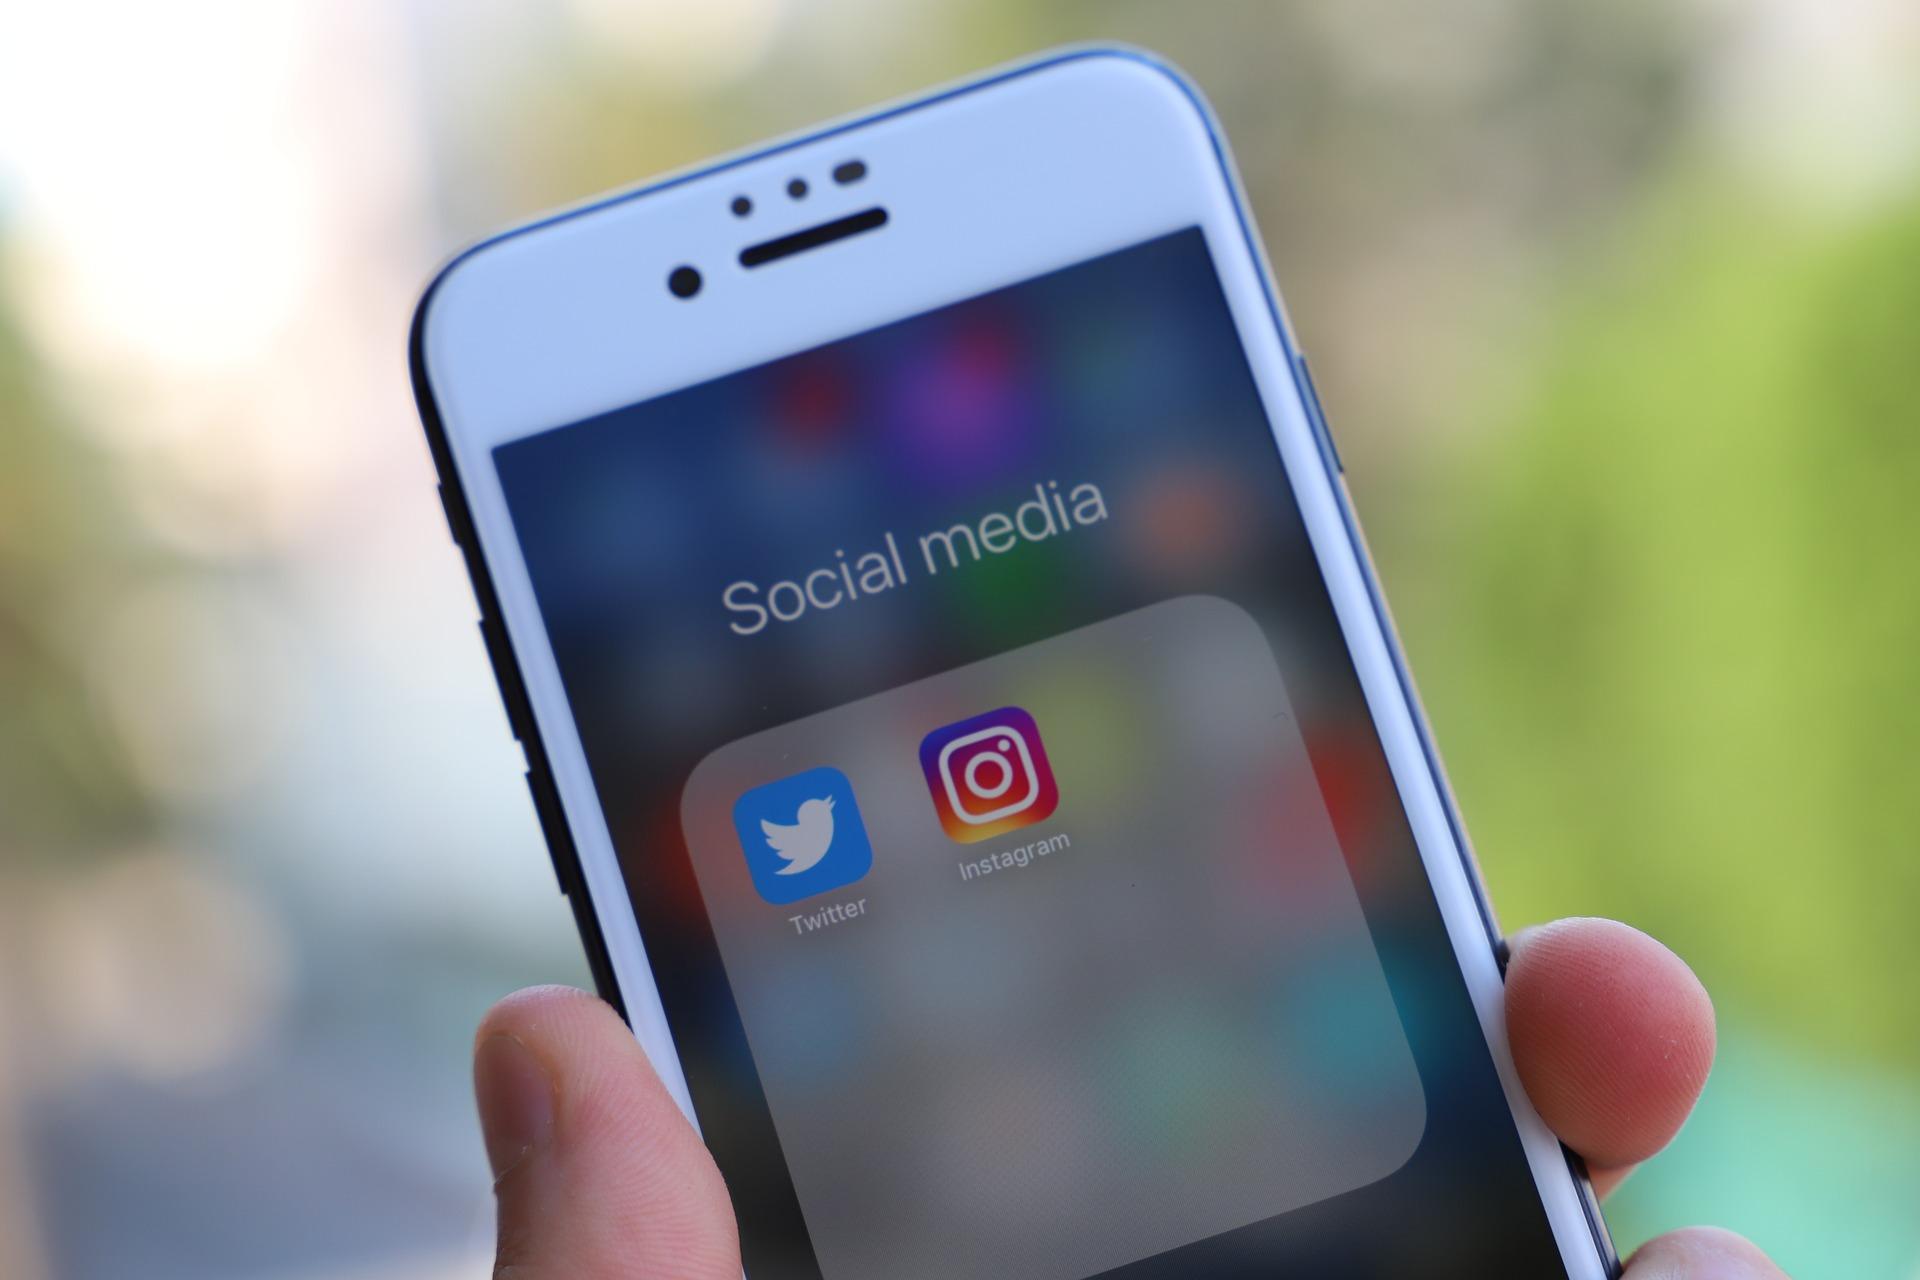 Médias sociaux: comment conditionnent-ils notre quotidien?